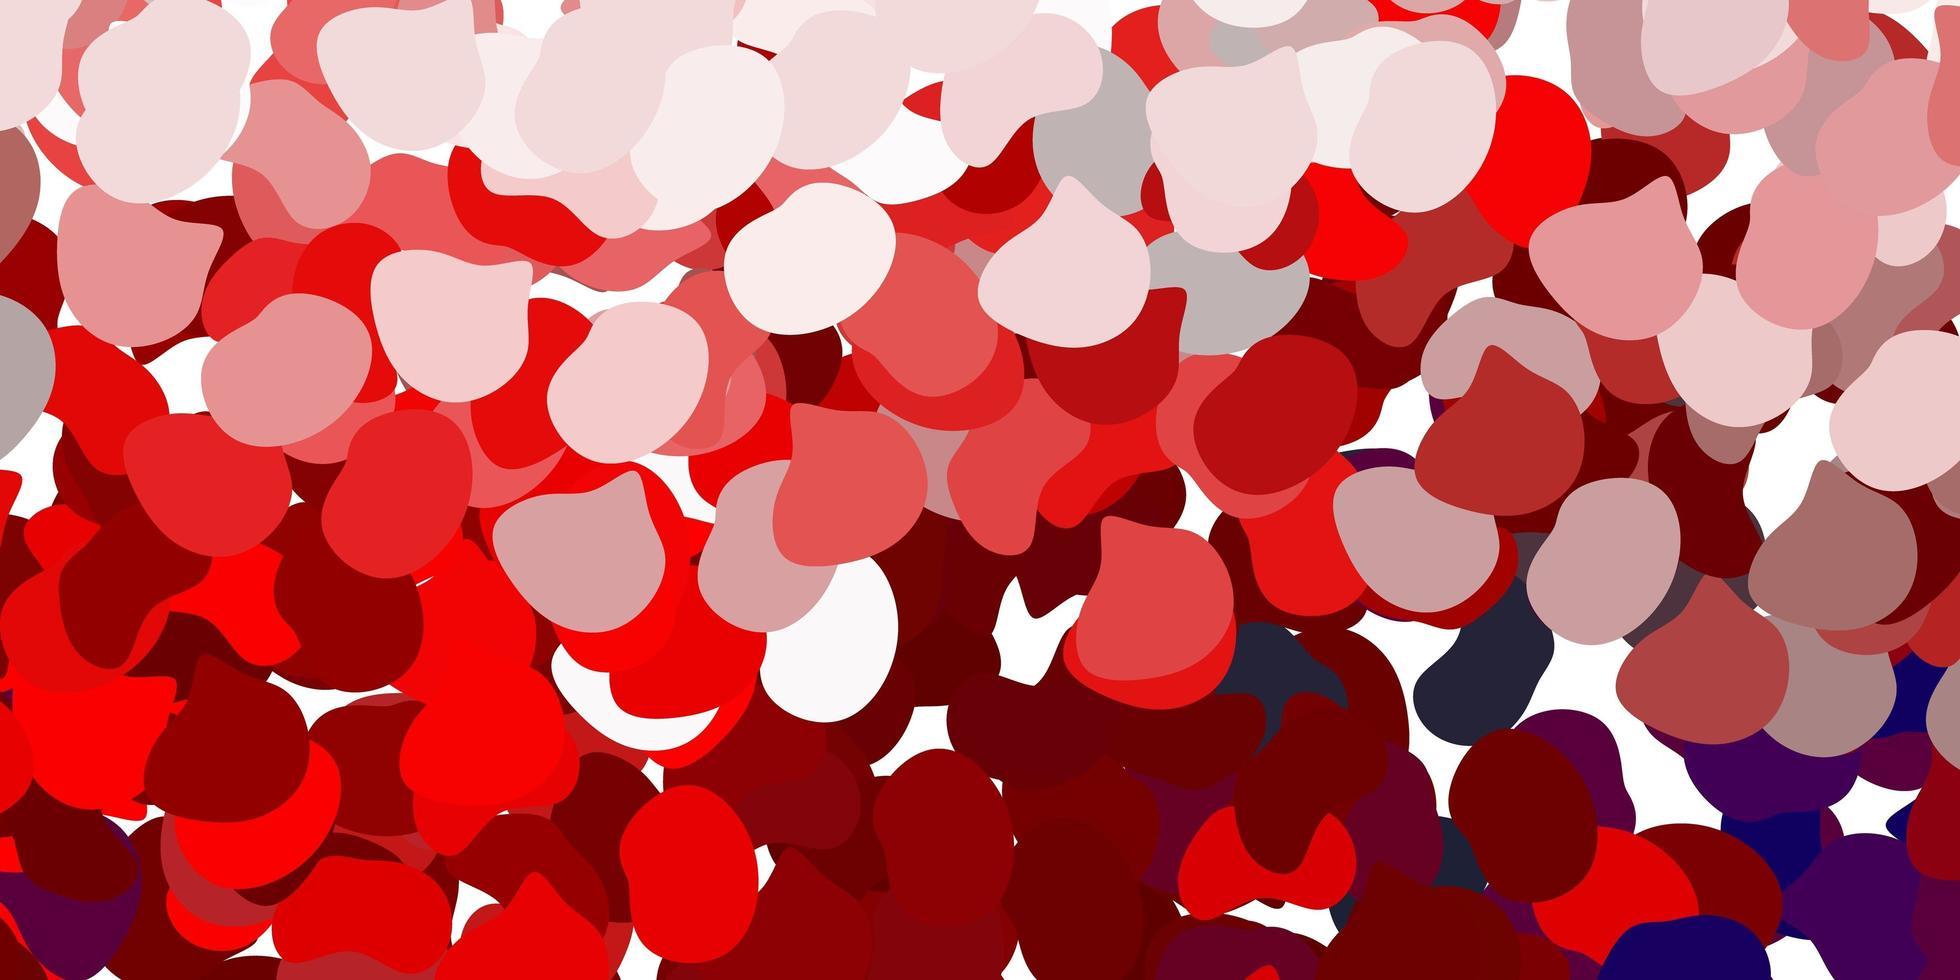 ljusrött mönster med abstrakta former vektor